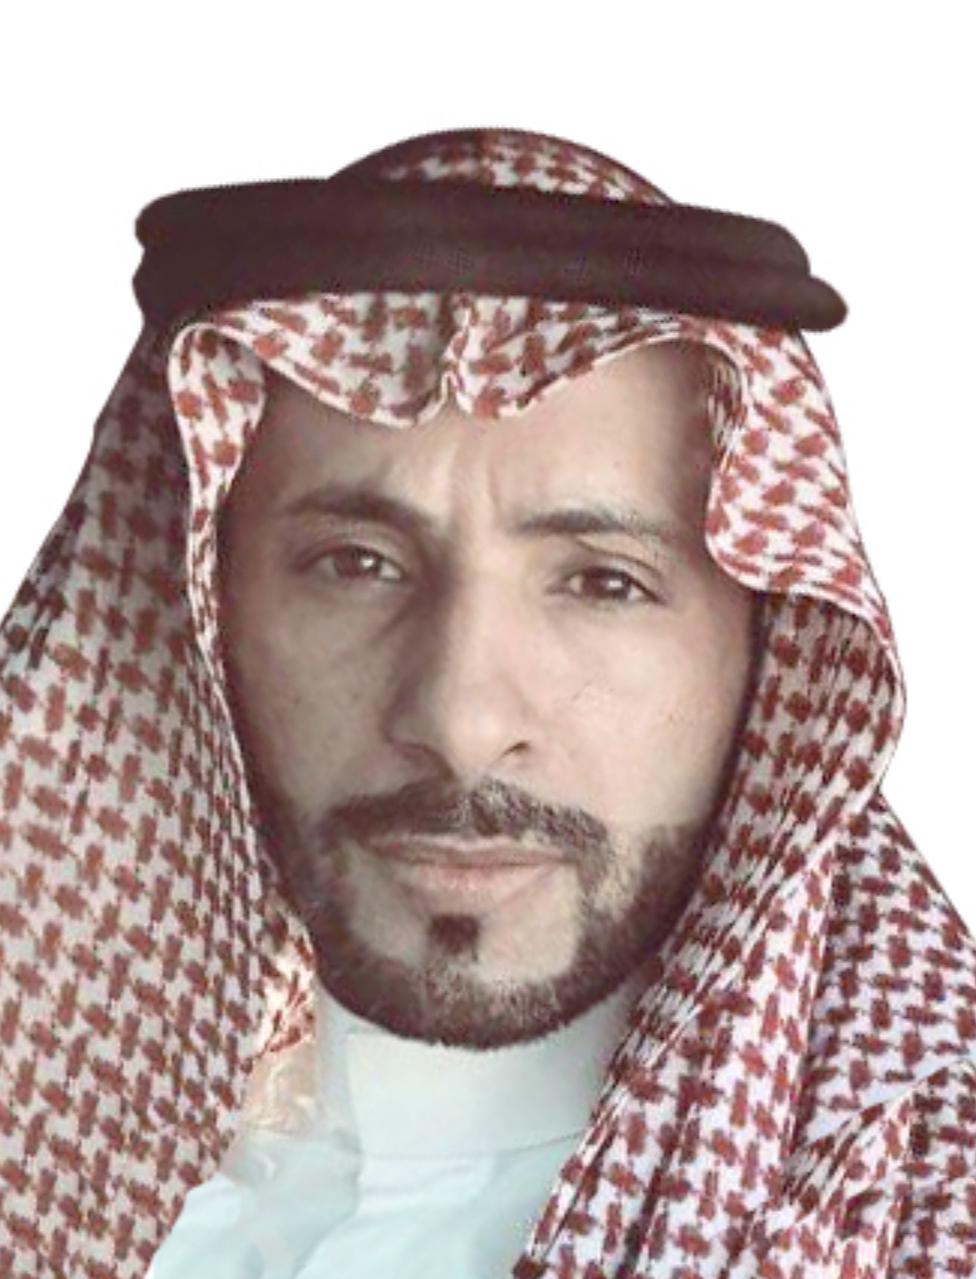 محمد زيد بن حماد